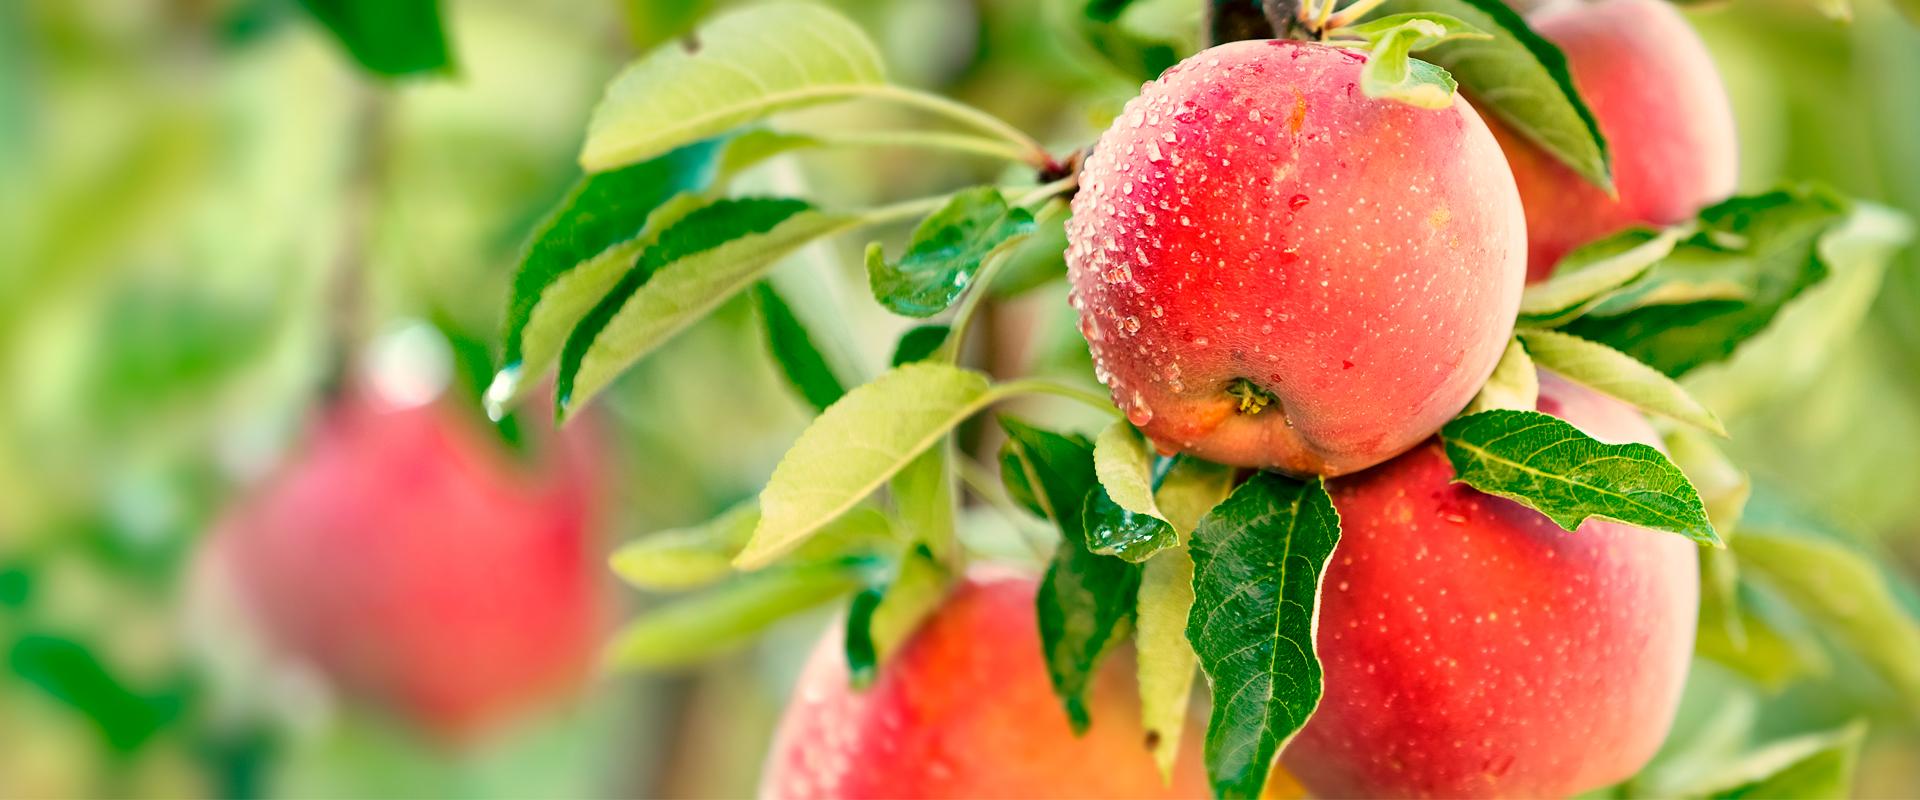 apple-tree-1920-800